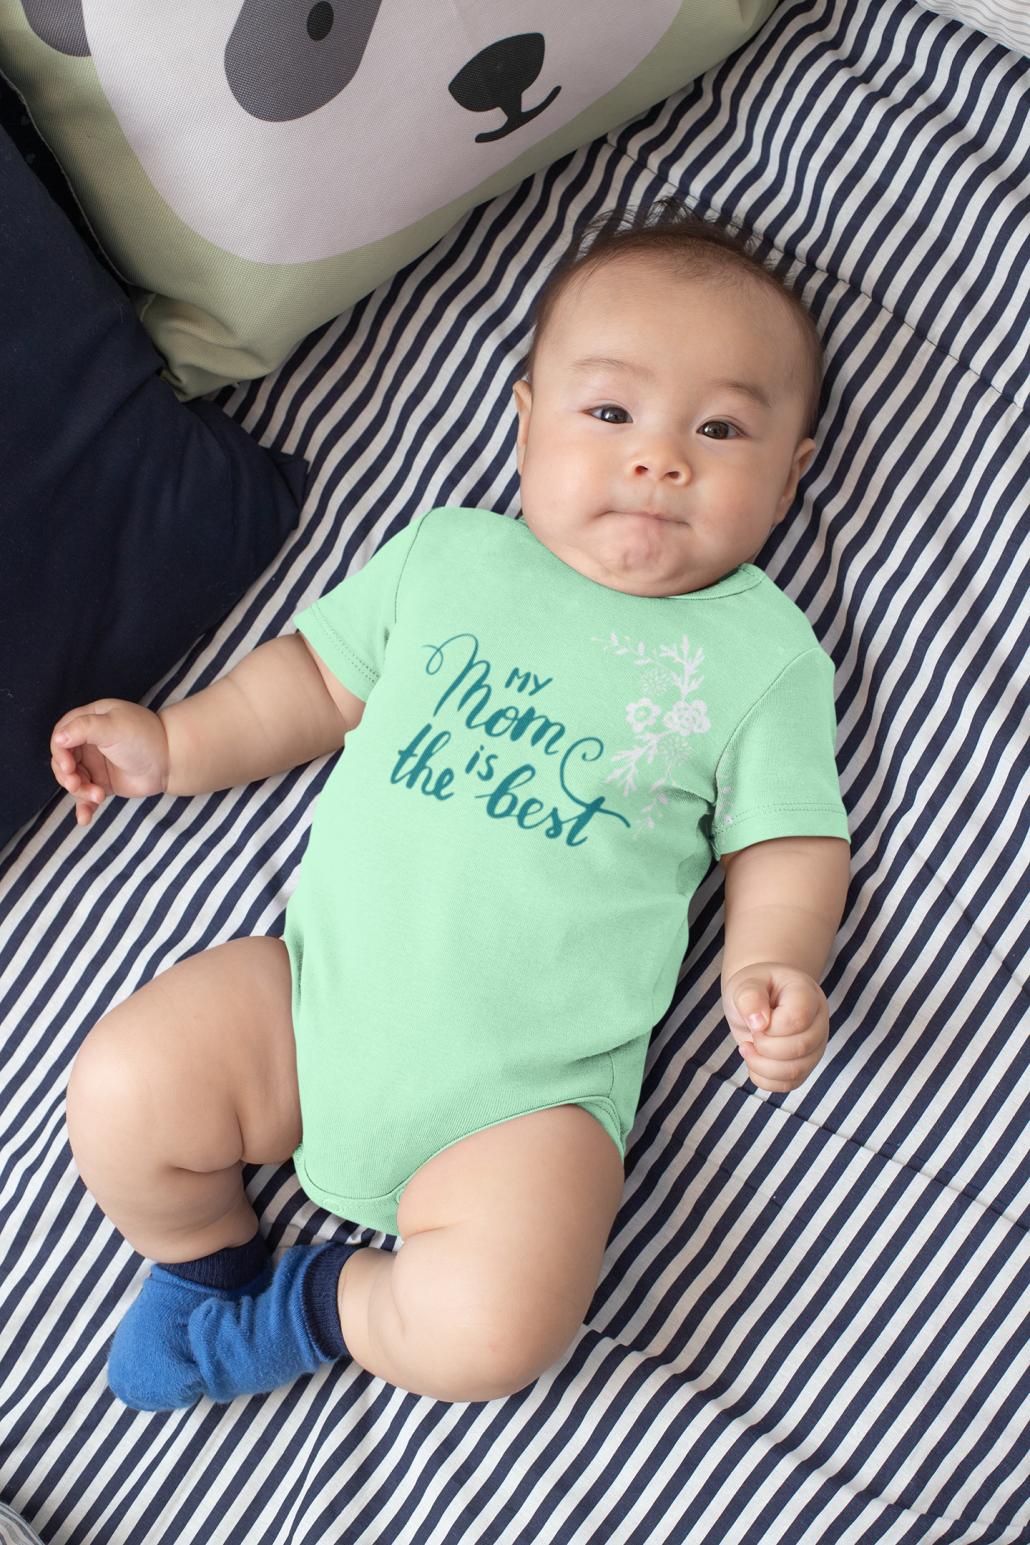 baby in custom onesie